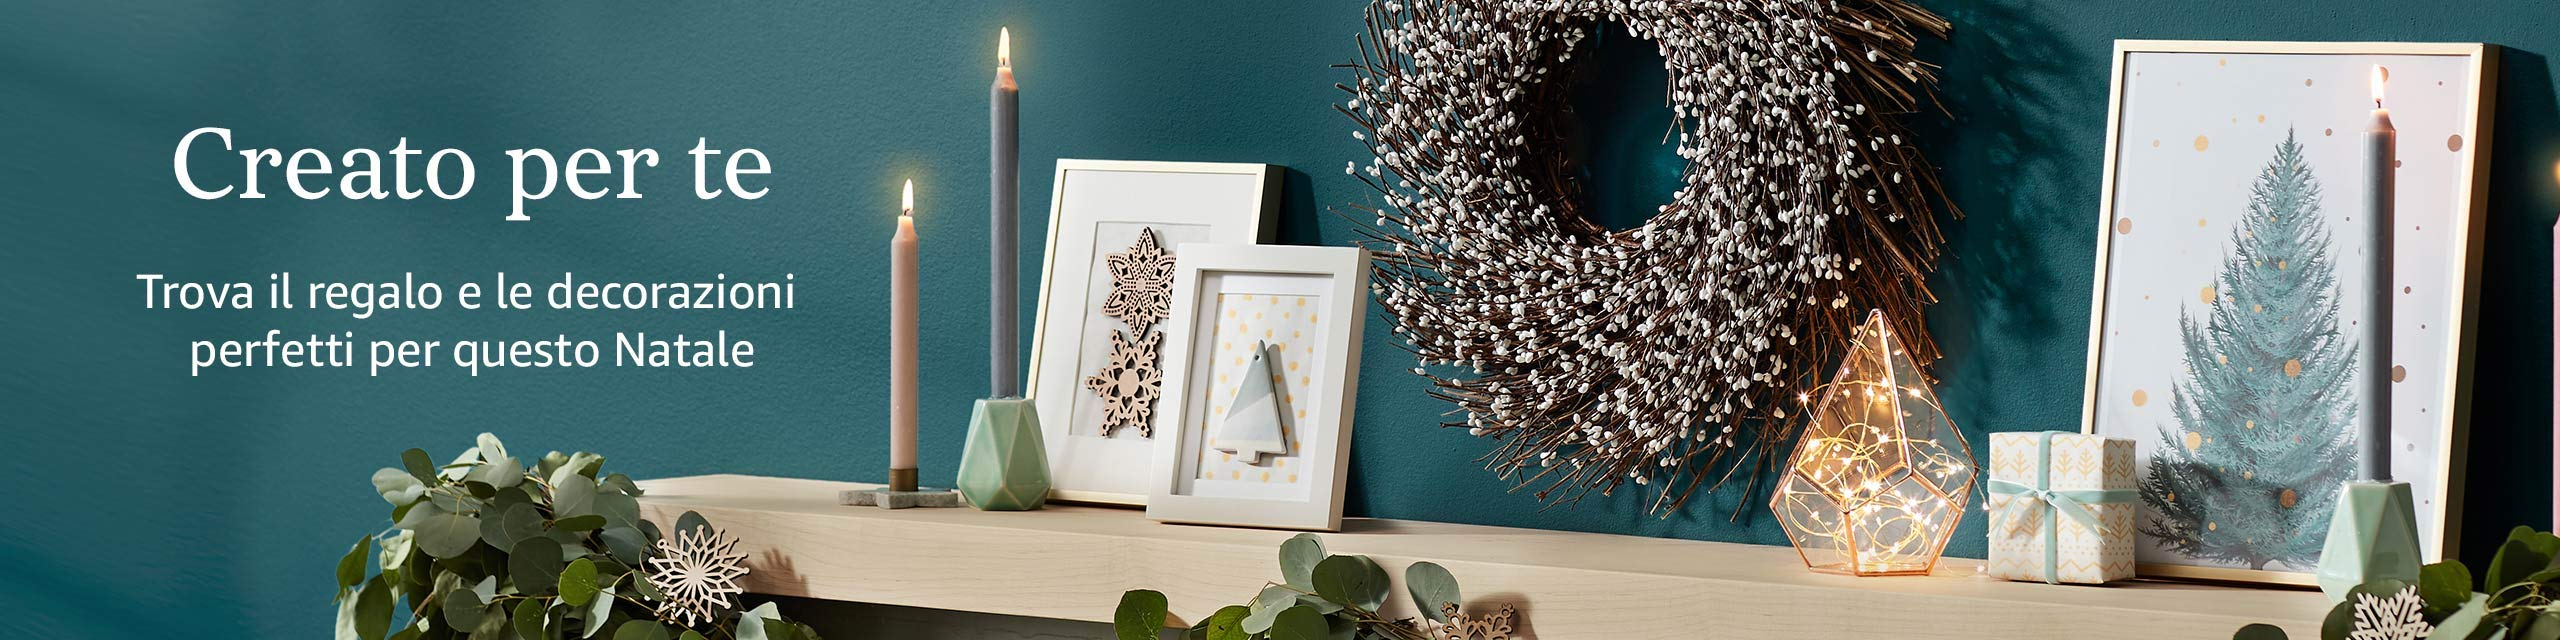 Creato per te Trova il regalo e le decorazioni perfetti per questo Natale